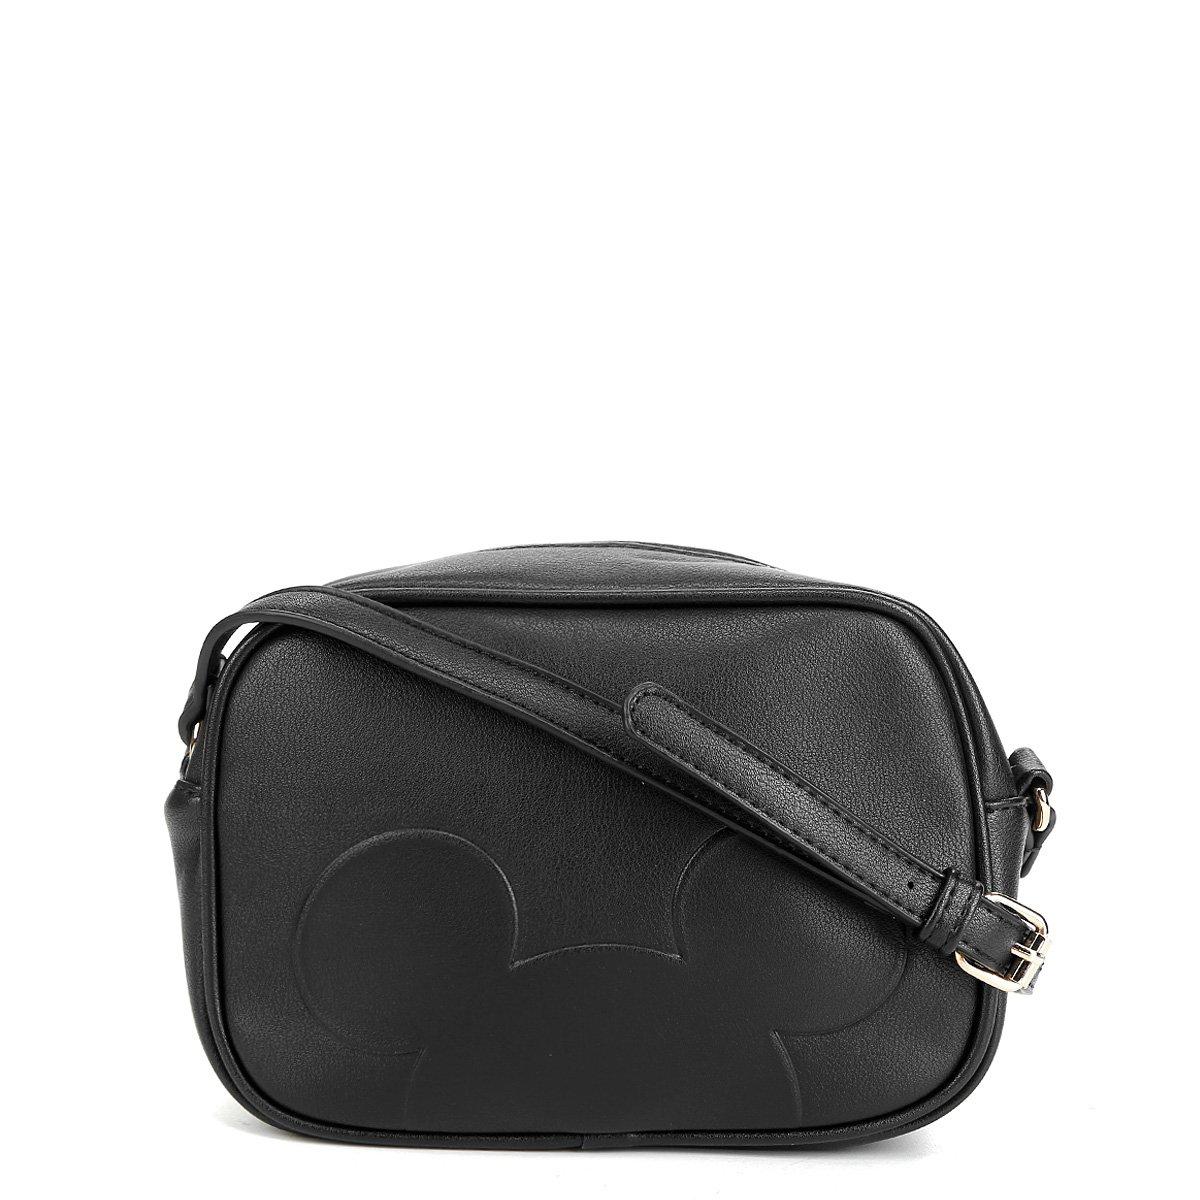 d8898008d Bolsa Gash Mini Bag Mickey Transversal Feminina